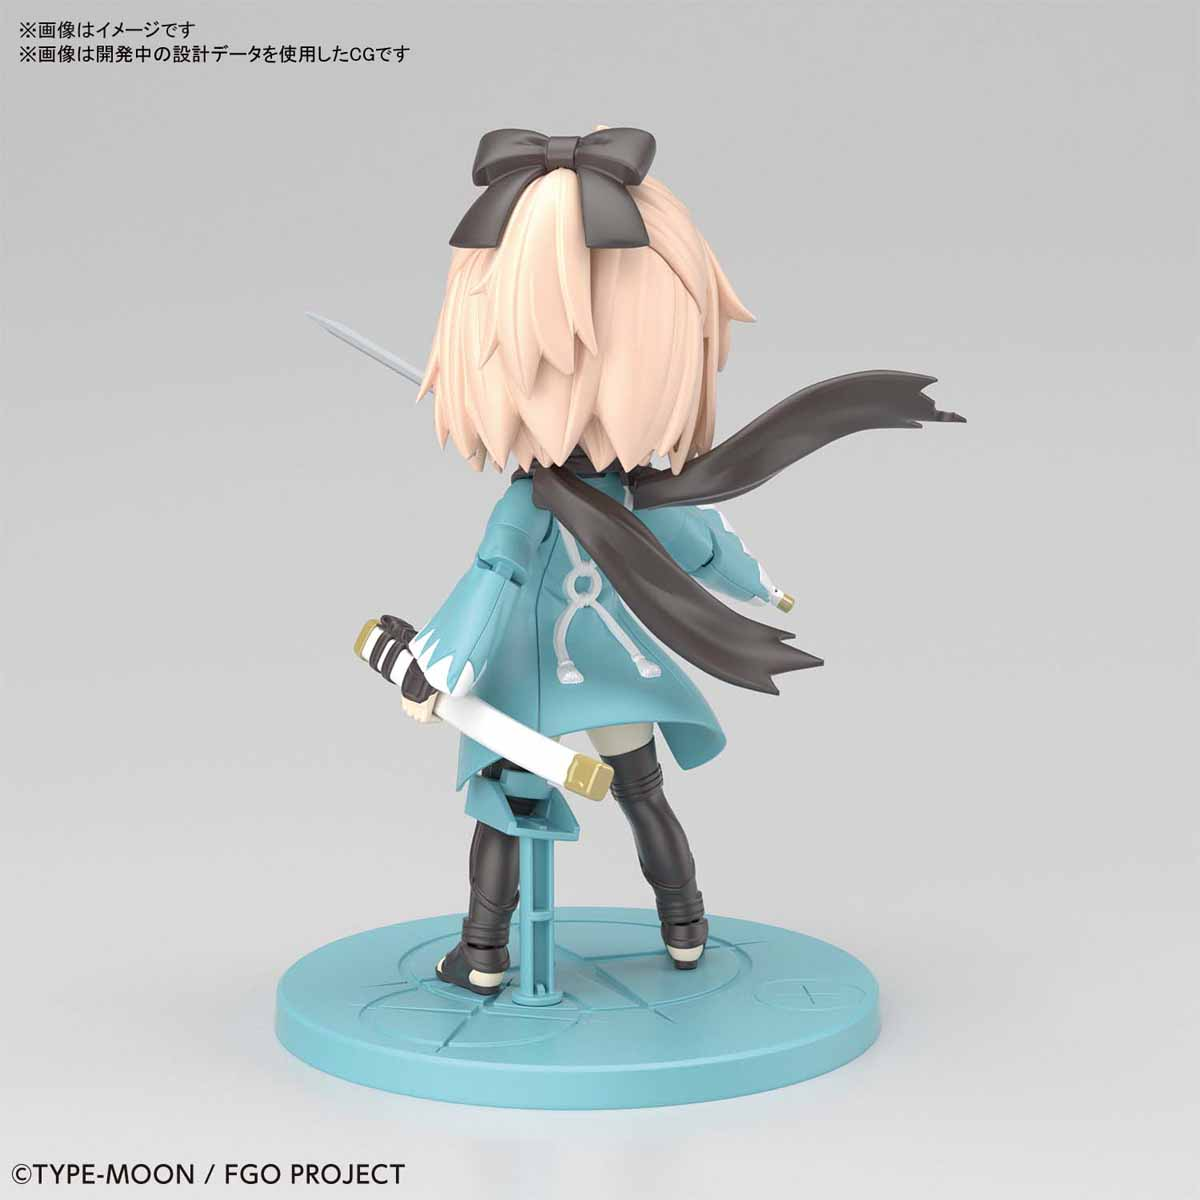 ぷちりっつ『セイバー/沖田総司』Fate/Grand Order プラモデル-004